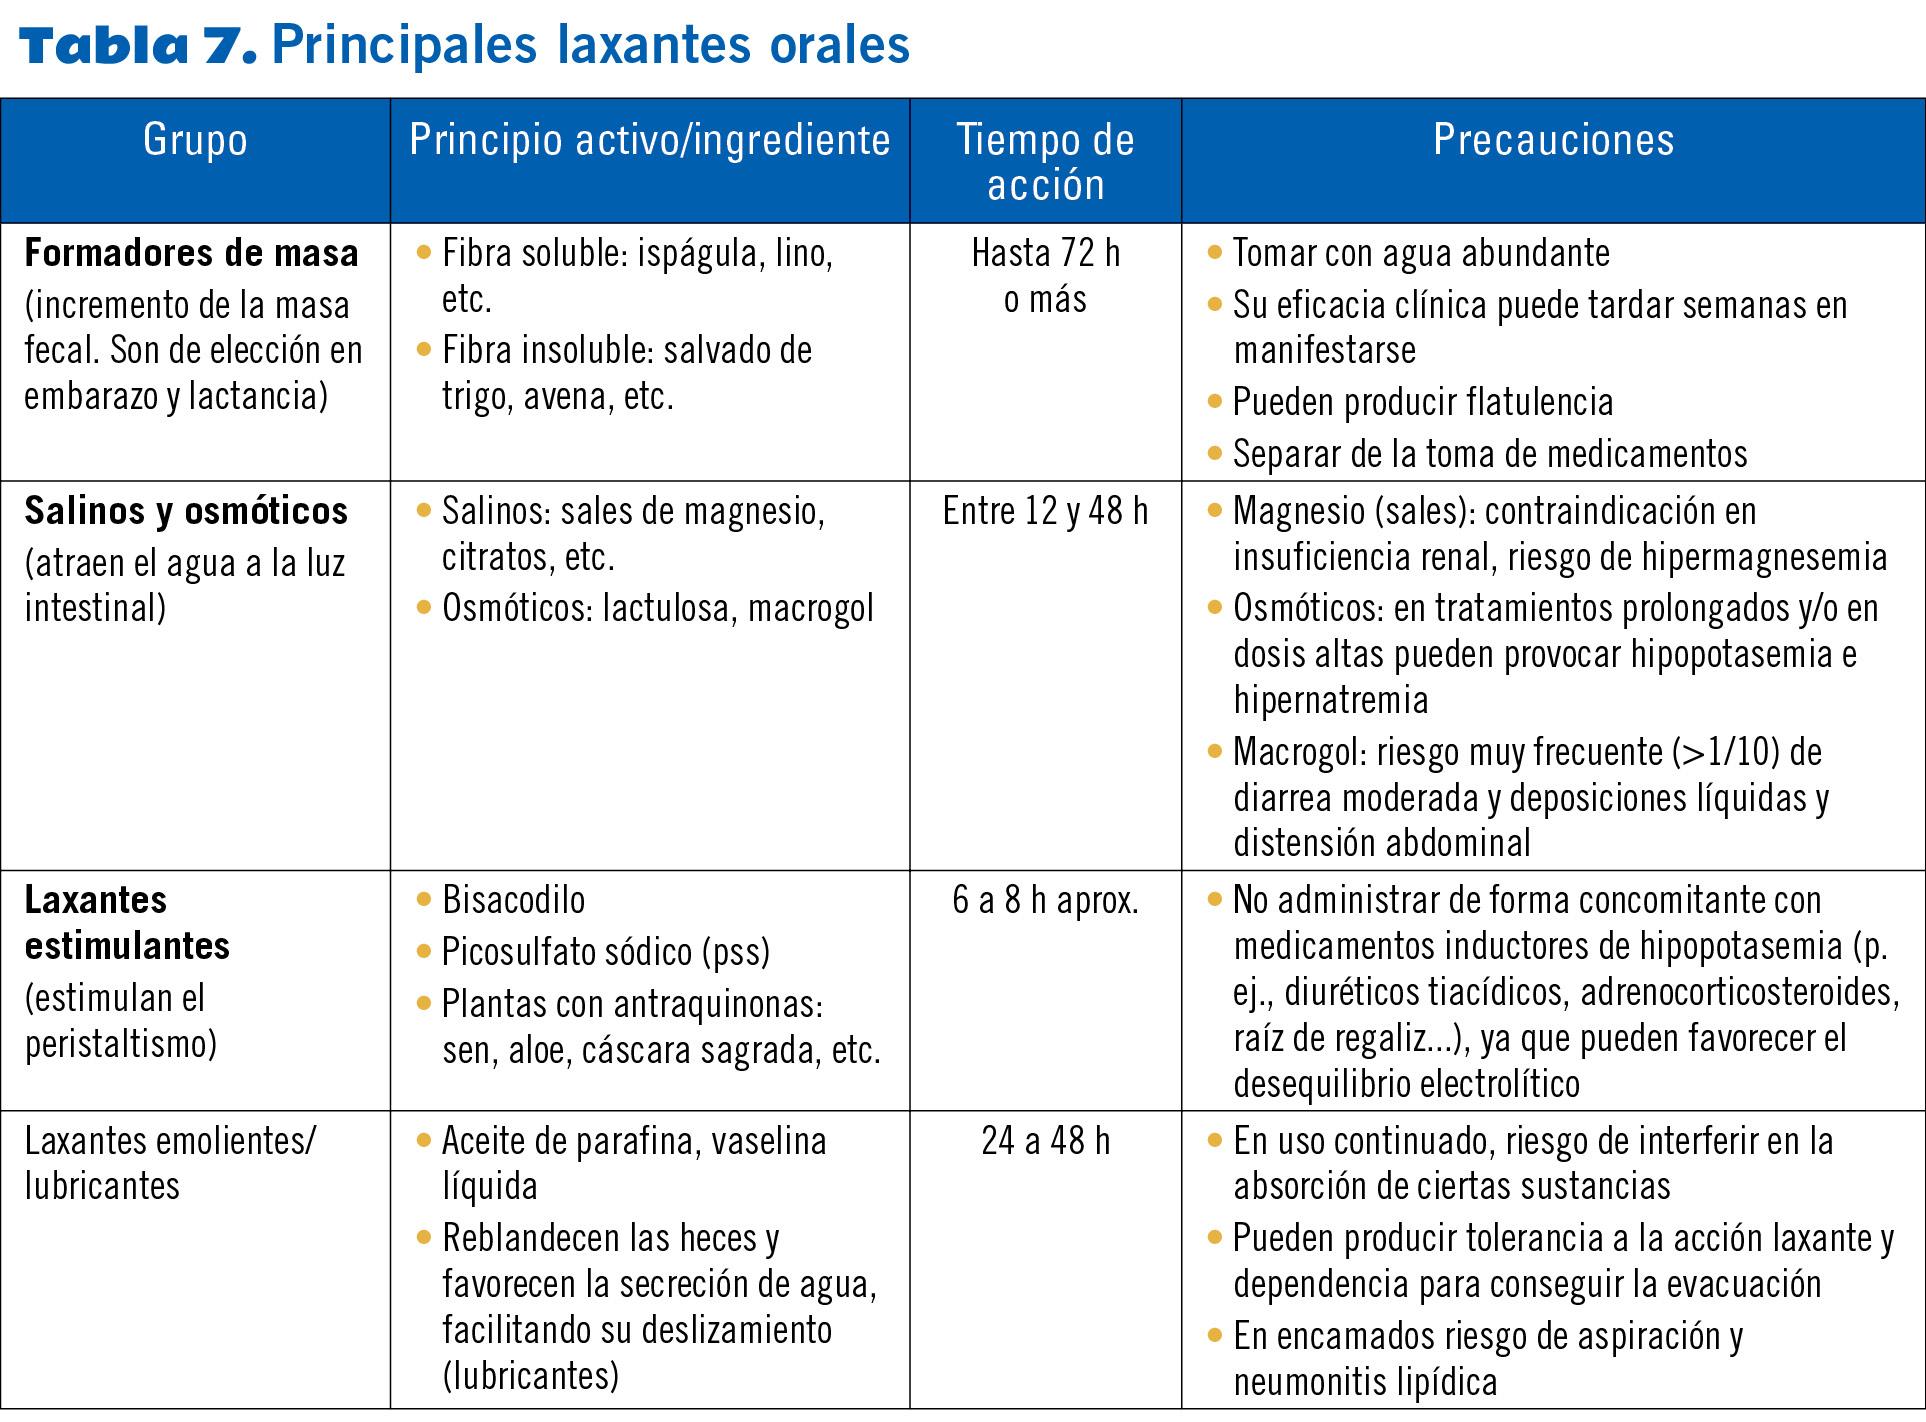 22 EF577 PROTOCOLOS estrenimiento tabla 7